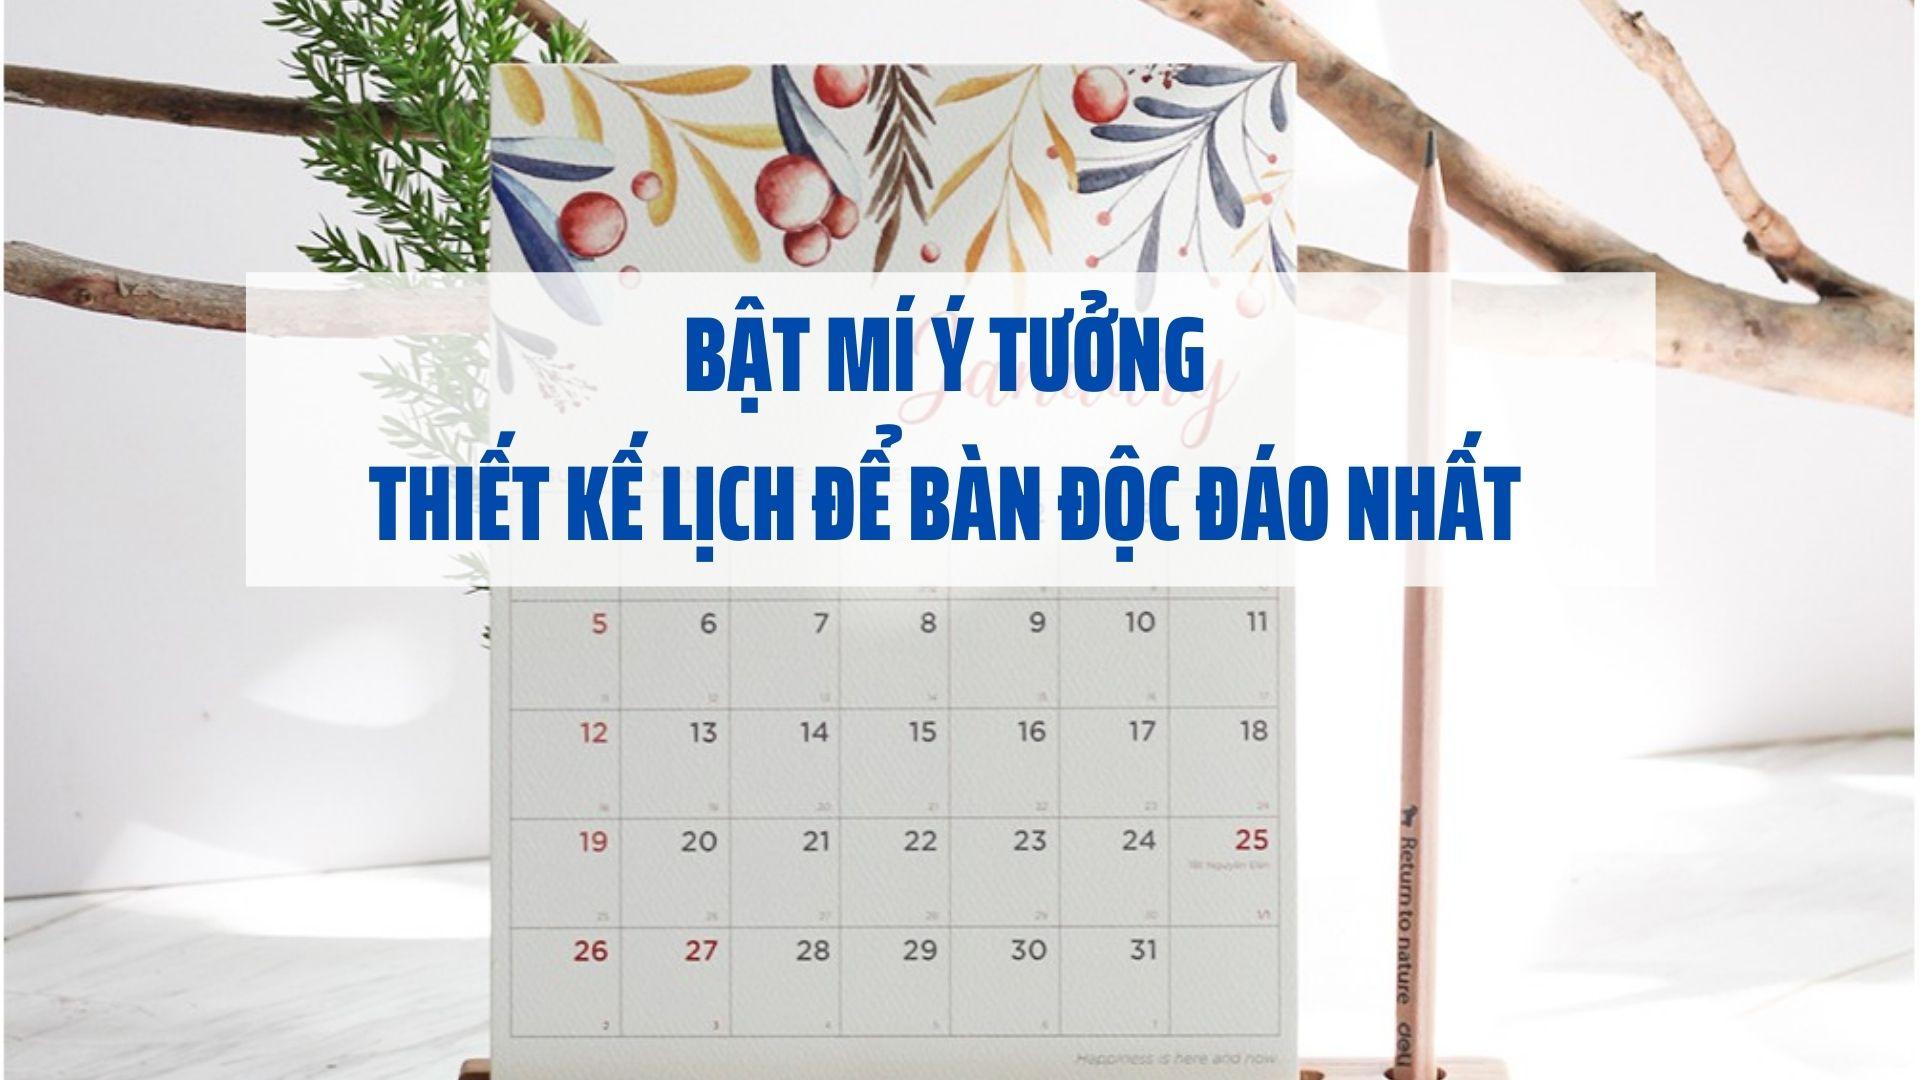 bat-mi-y-tuong-thiet-ke-lich-de-ban-doc-dao-nhat